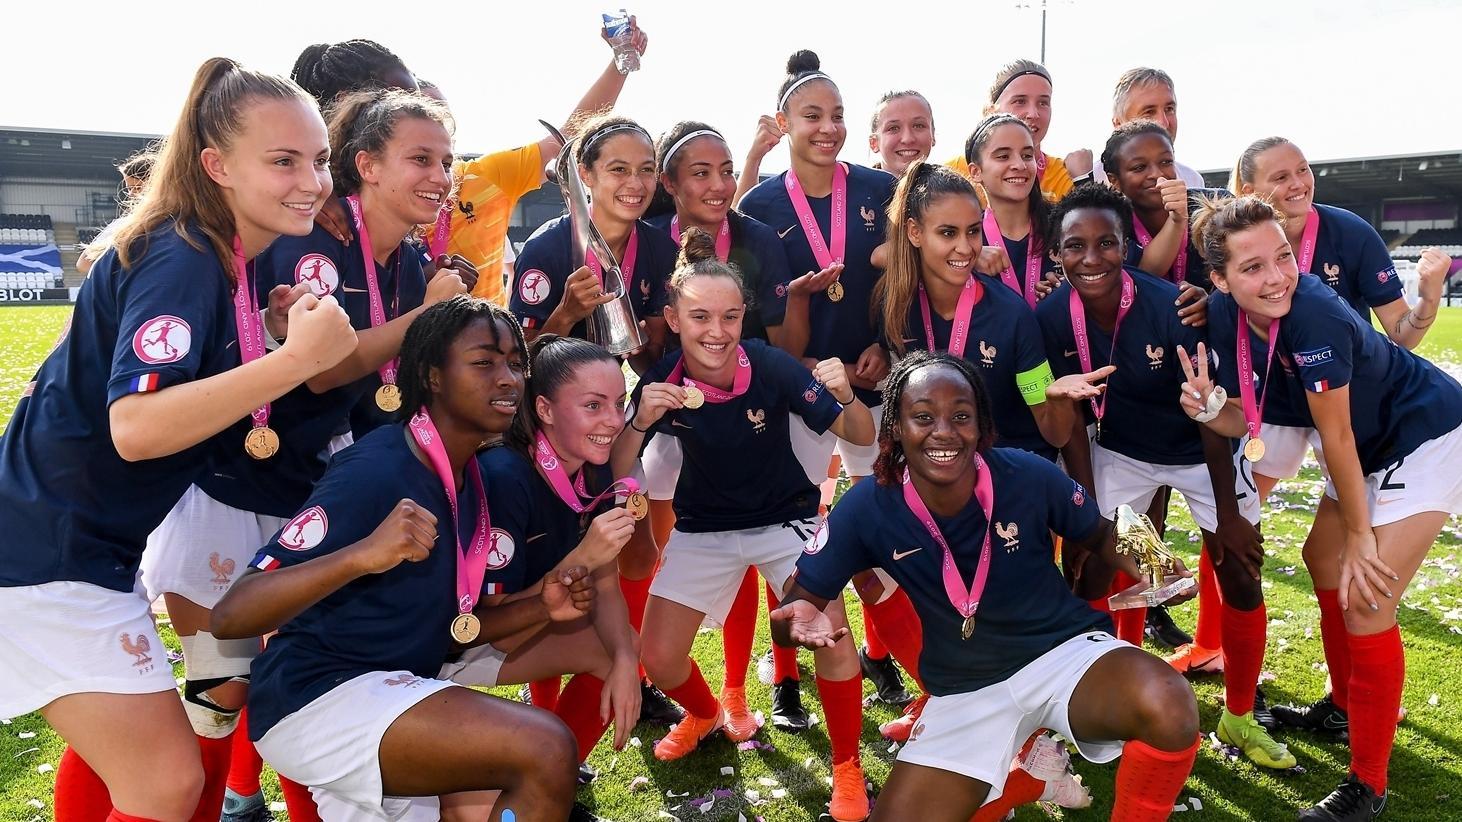 Les U19, championnes d'Europe, attendent désormais la Coupe du Monde qui aura lieu 18 mois après leur titre ! (photo UEFA)